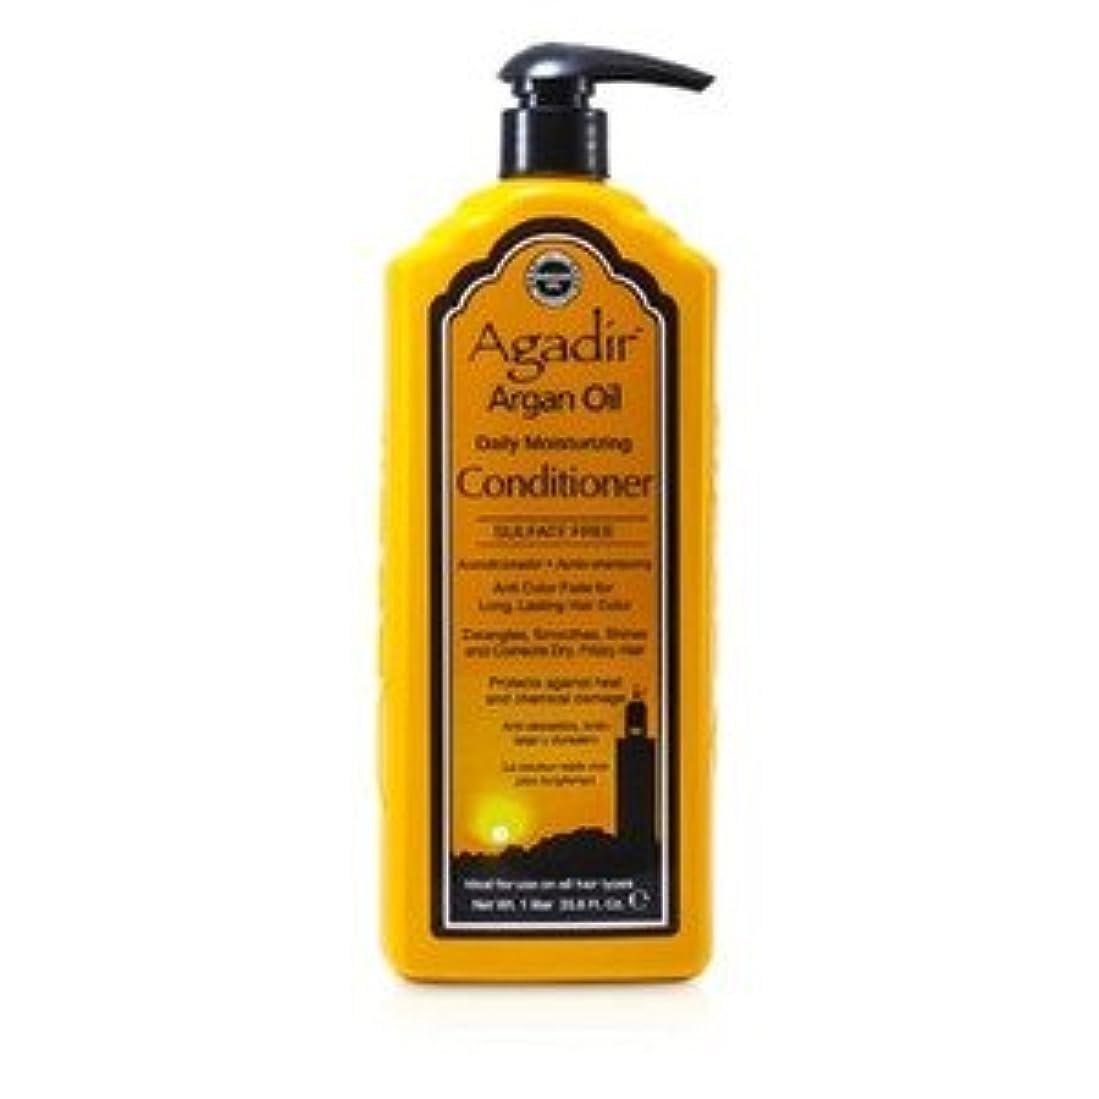 ユーザーサイト維持するアガディール(Agadir) デイリー モイスチャライジング コンディショナー(全ての髪質へ) 1000ml/33.8oz [並行輸入品]